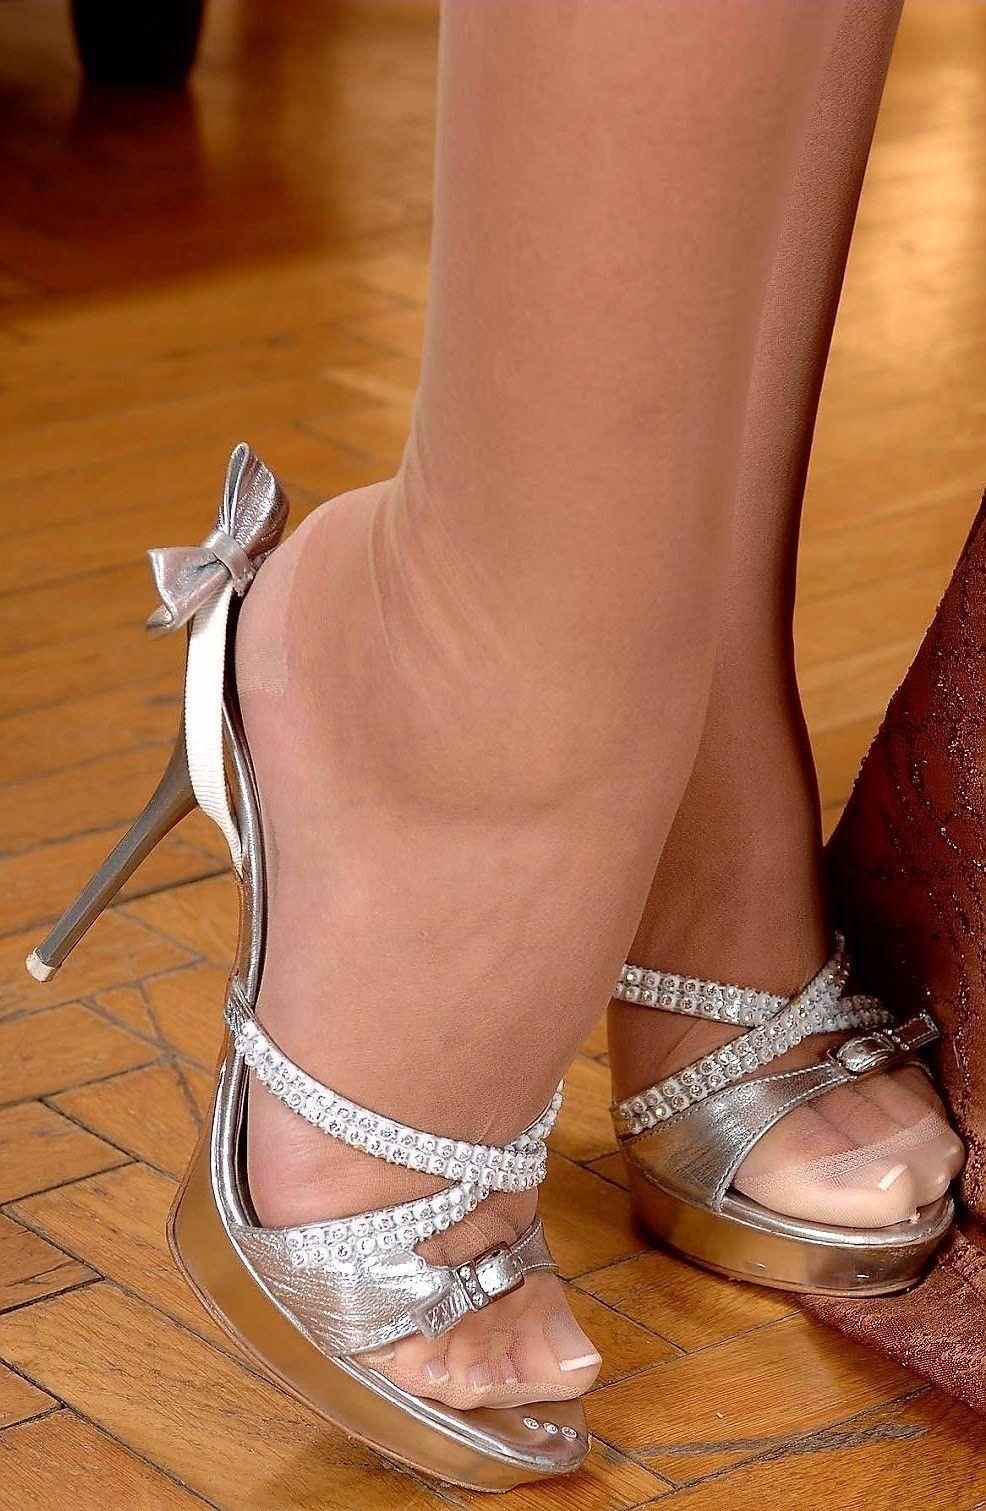 Pin on Heels & Nylon